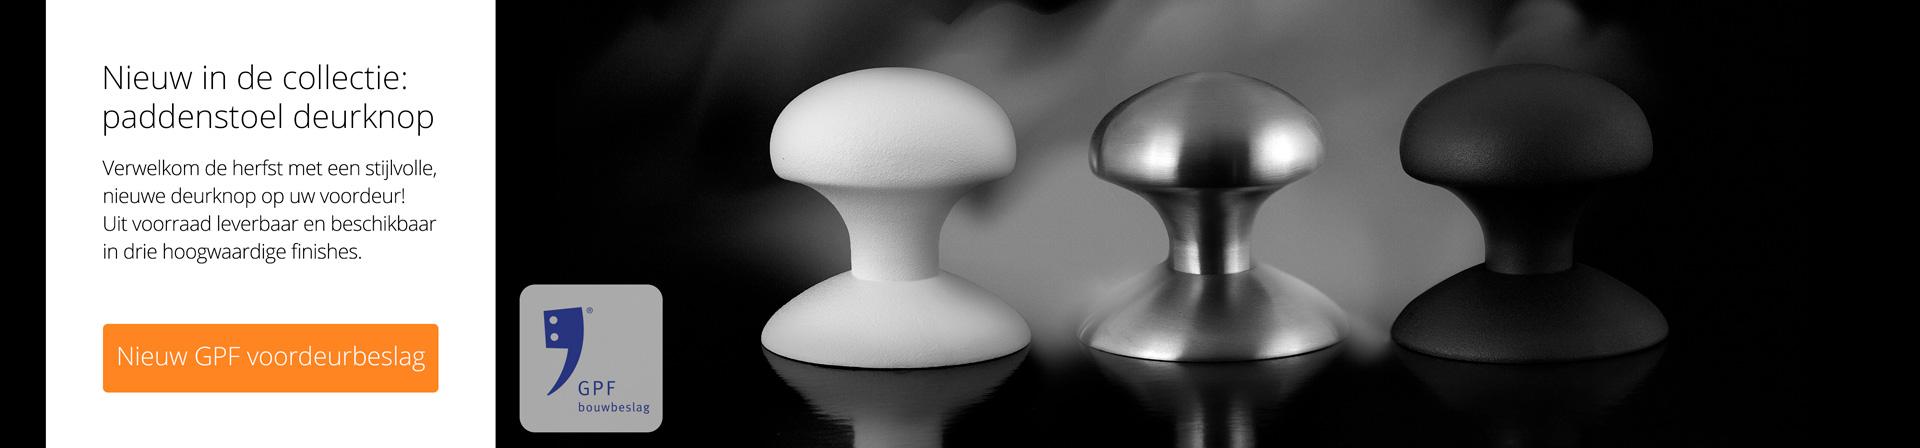 GPF paddenstoel deurknop